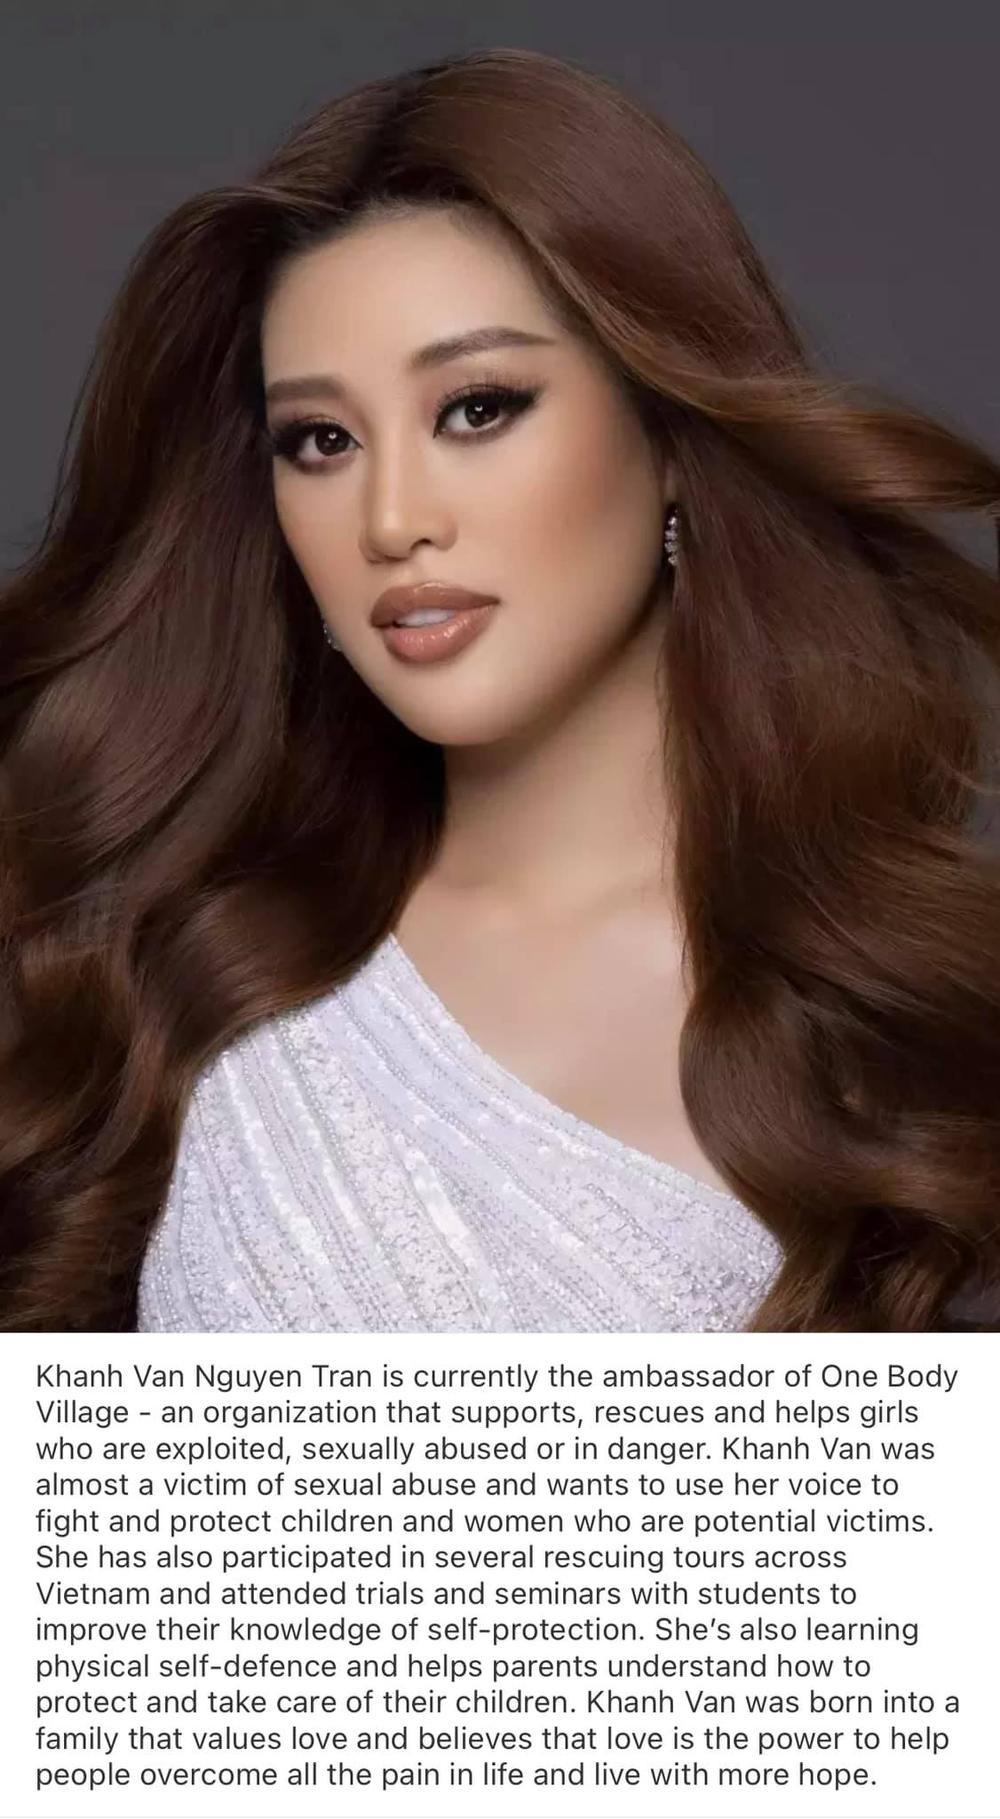 Khánh Vân cuốn hút với ảnh profile Miss Universe 2020: Đại sứ giải cứu trẻ em lay động fan sắc đẹp Ảnh 1